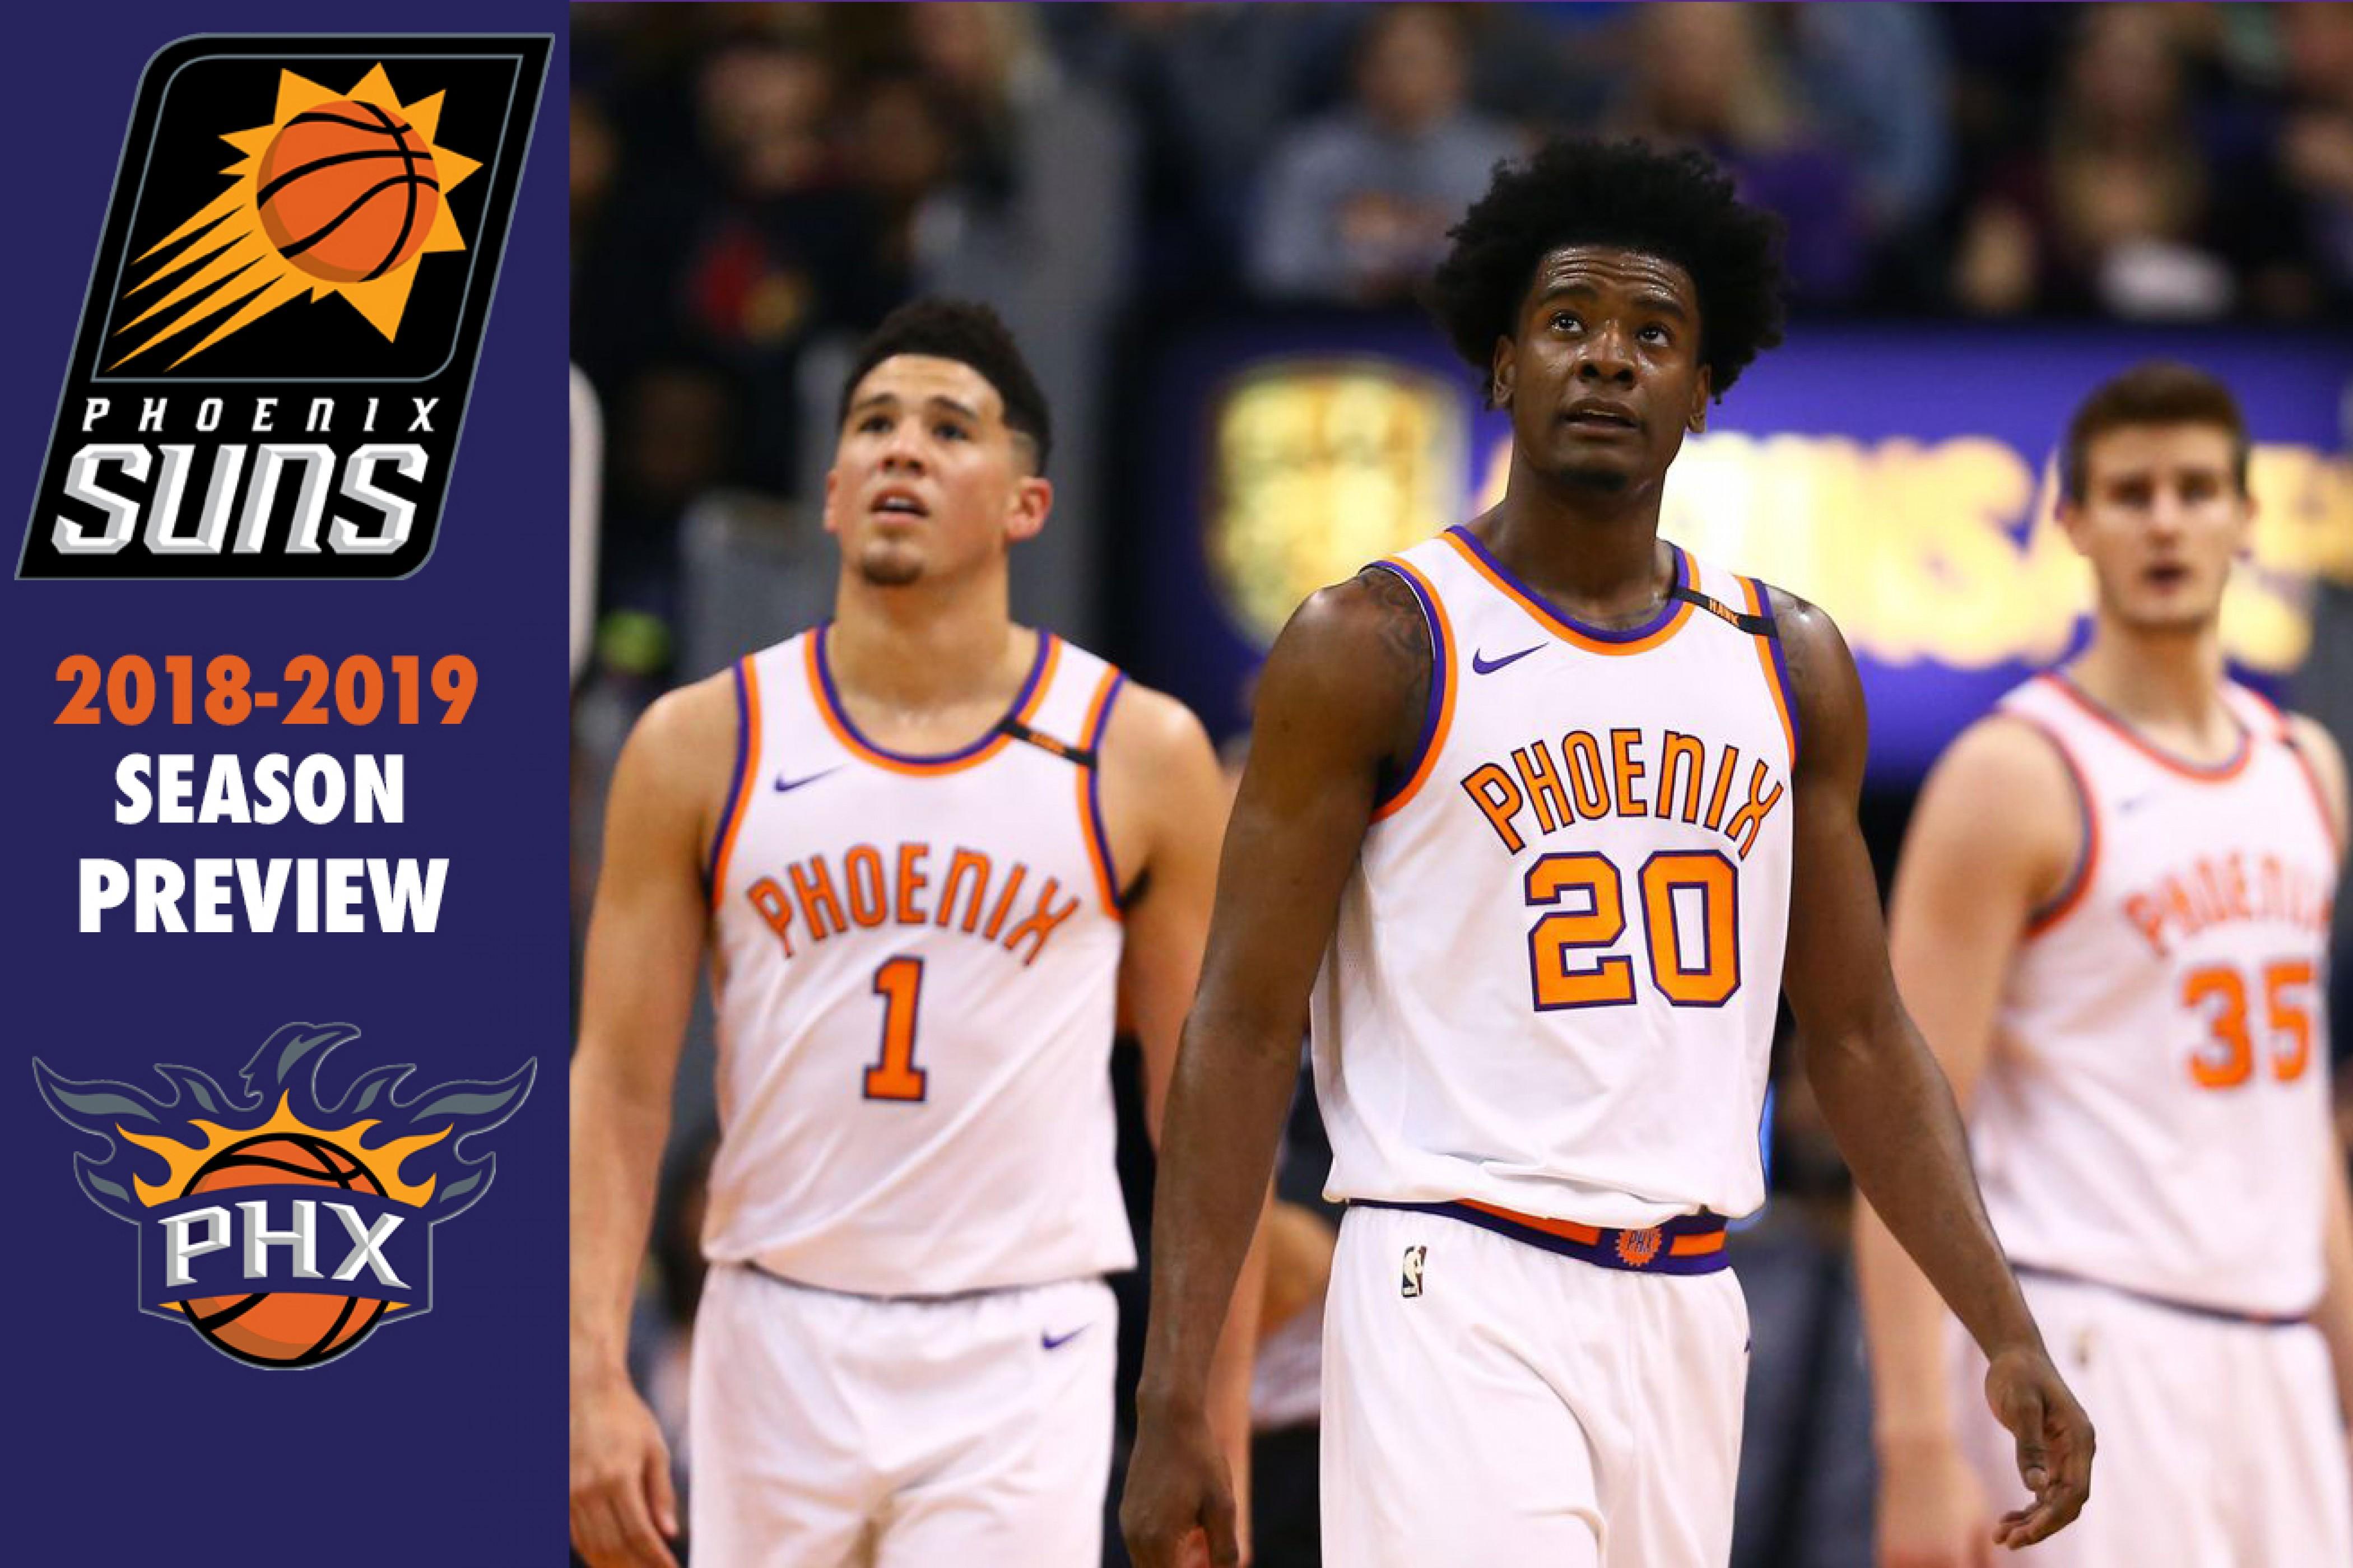 2018-2019 Preview: Phoenix Suns